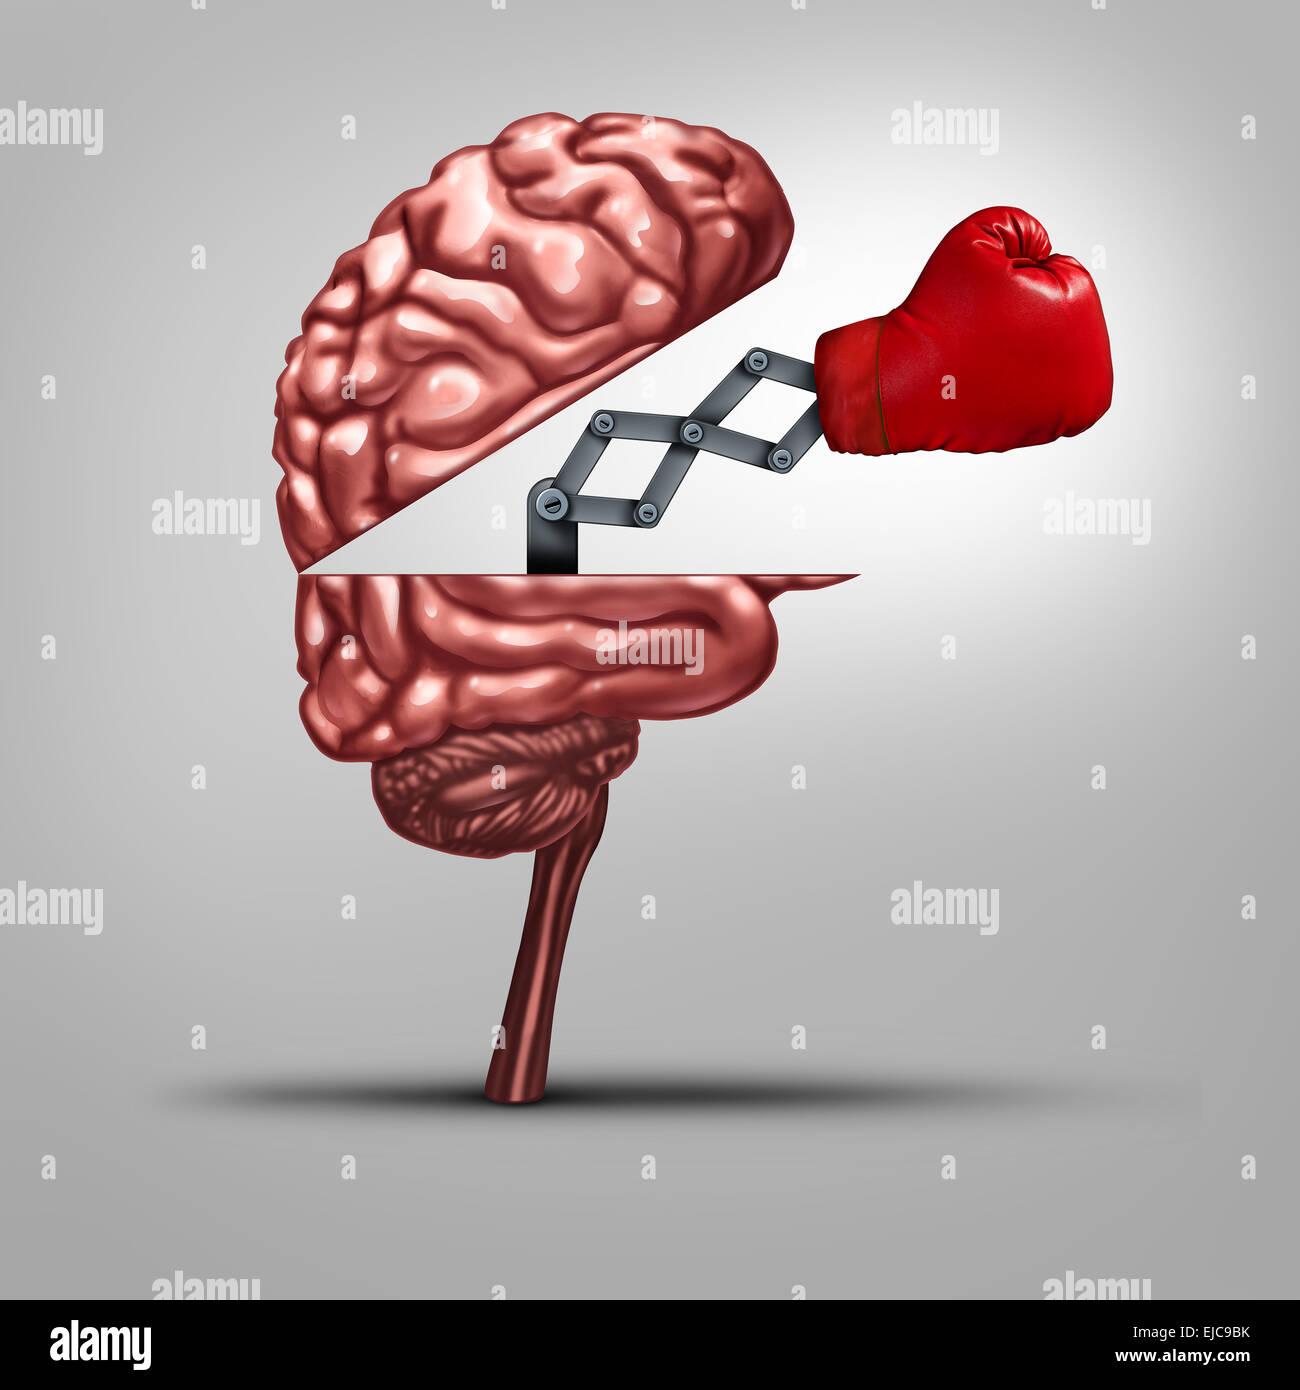 Mémoire et cerveau fort symbole de force comme un organe de la pensée humaine s'ouvrit pour révéler Photo Stock